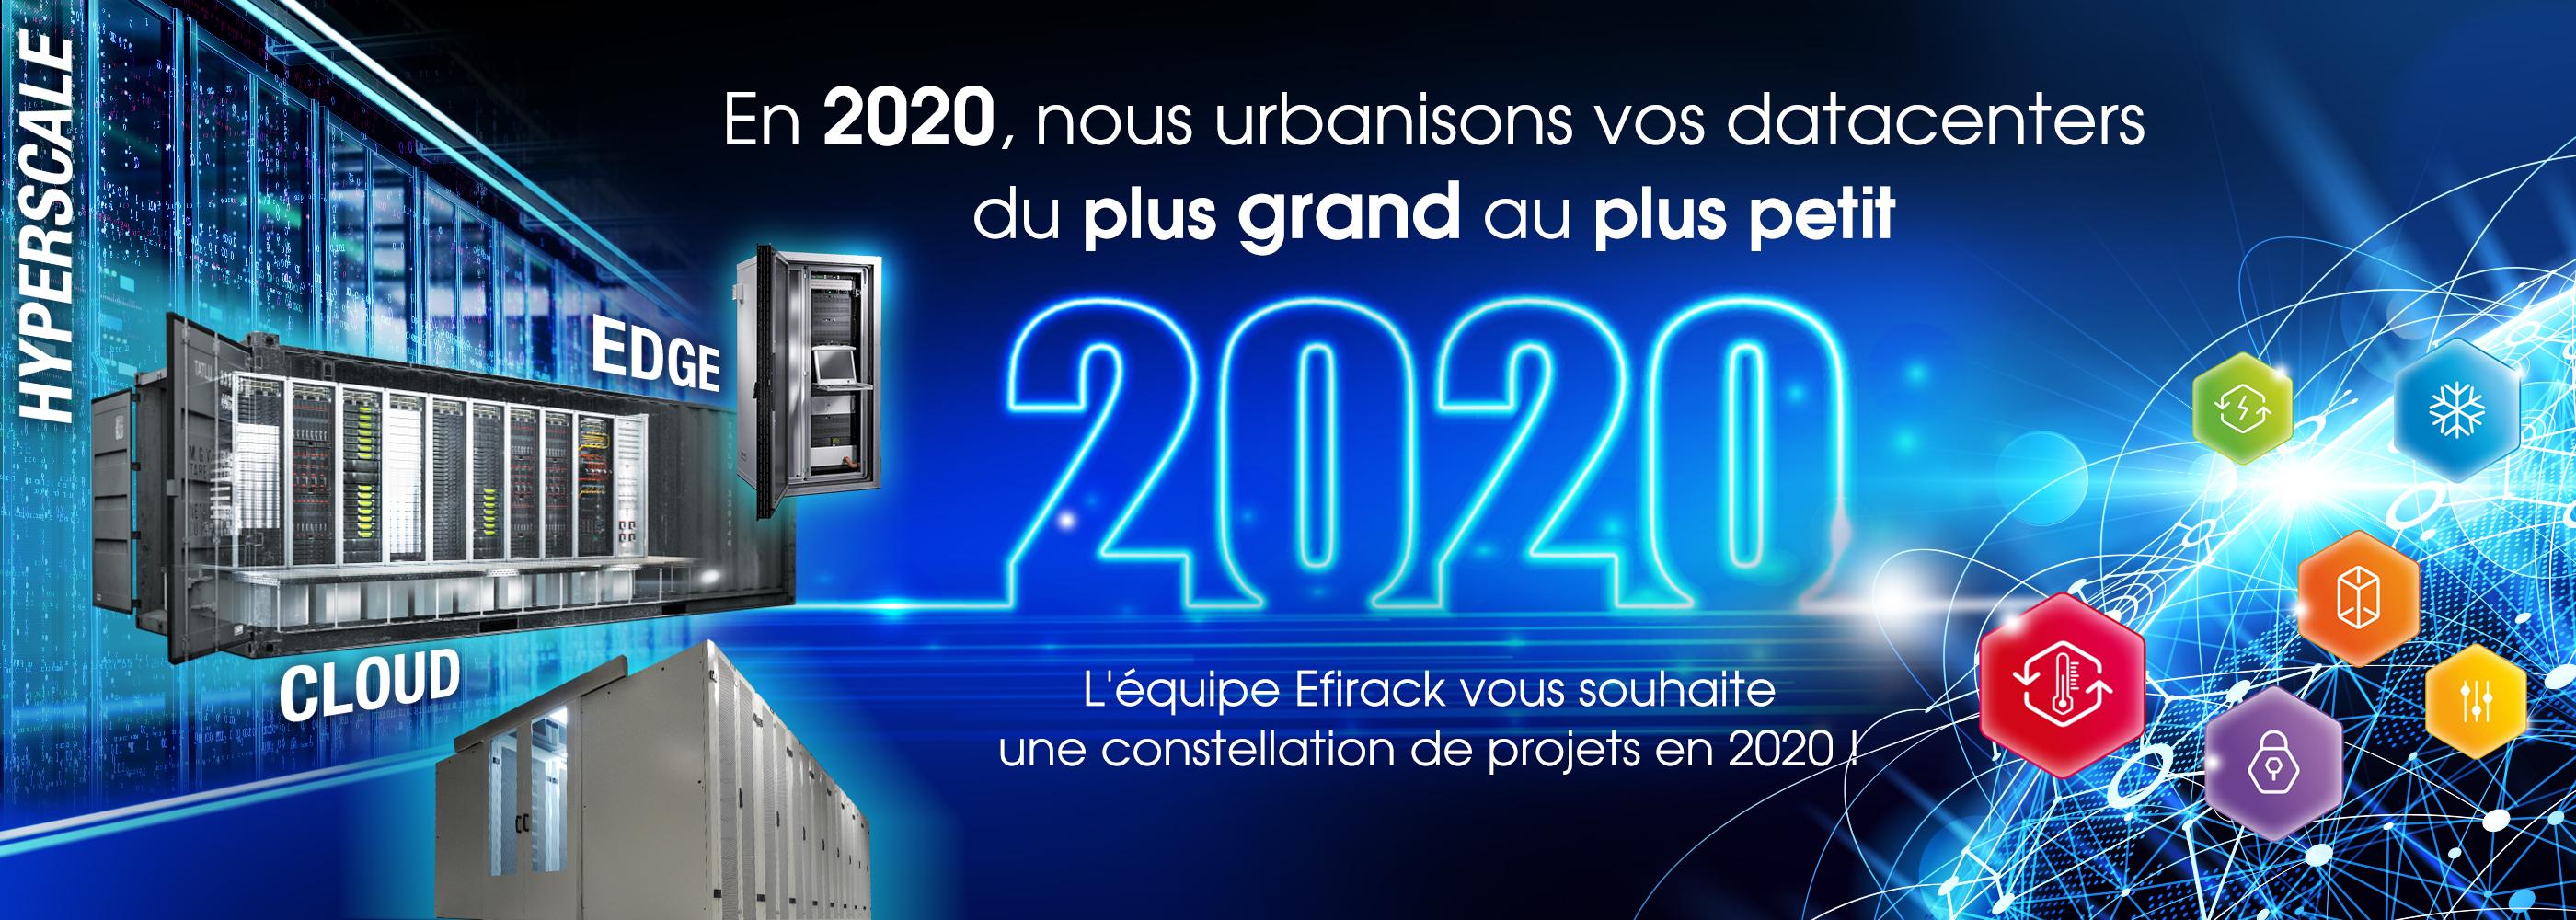 Slider Efirack voeux 2020